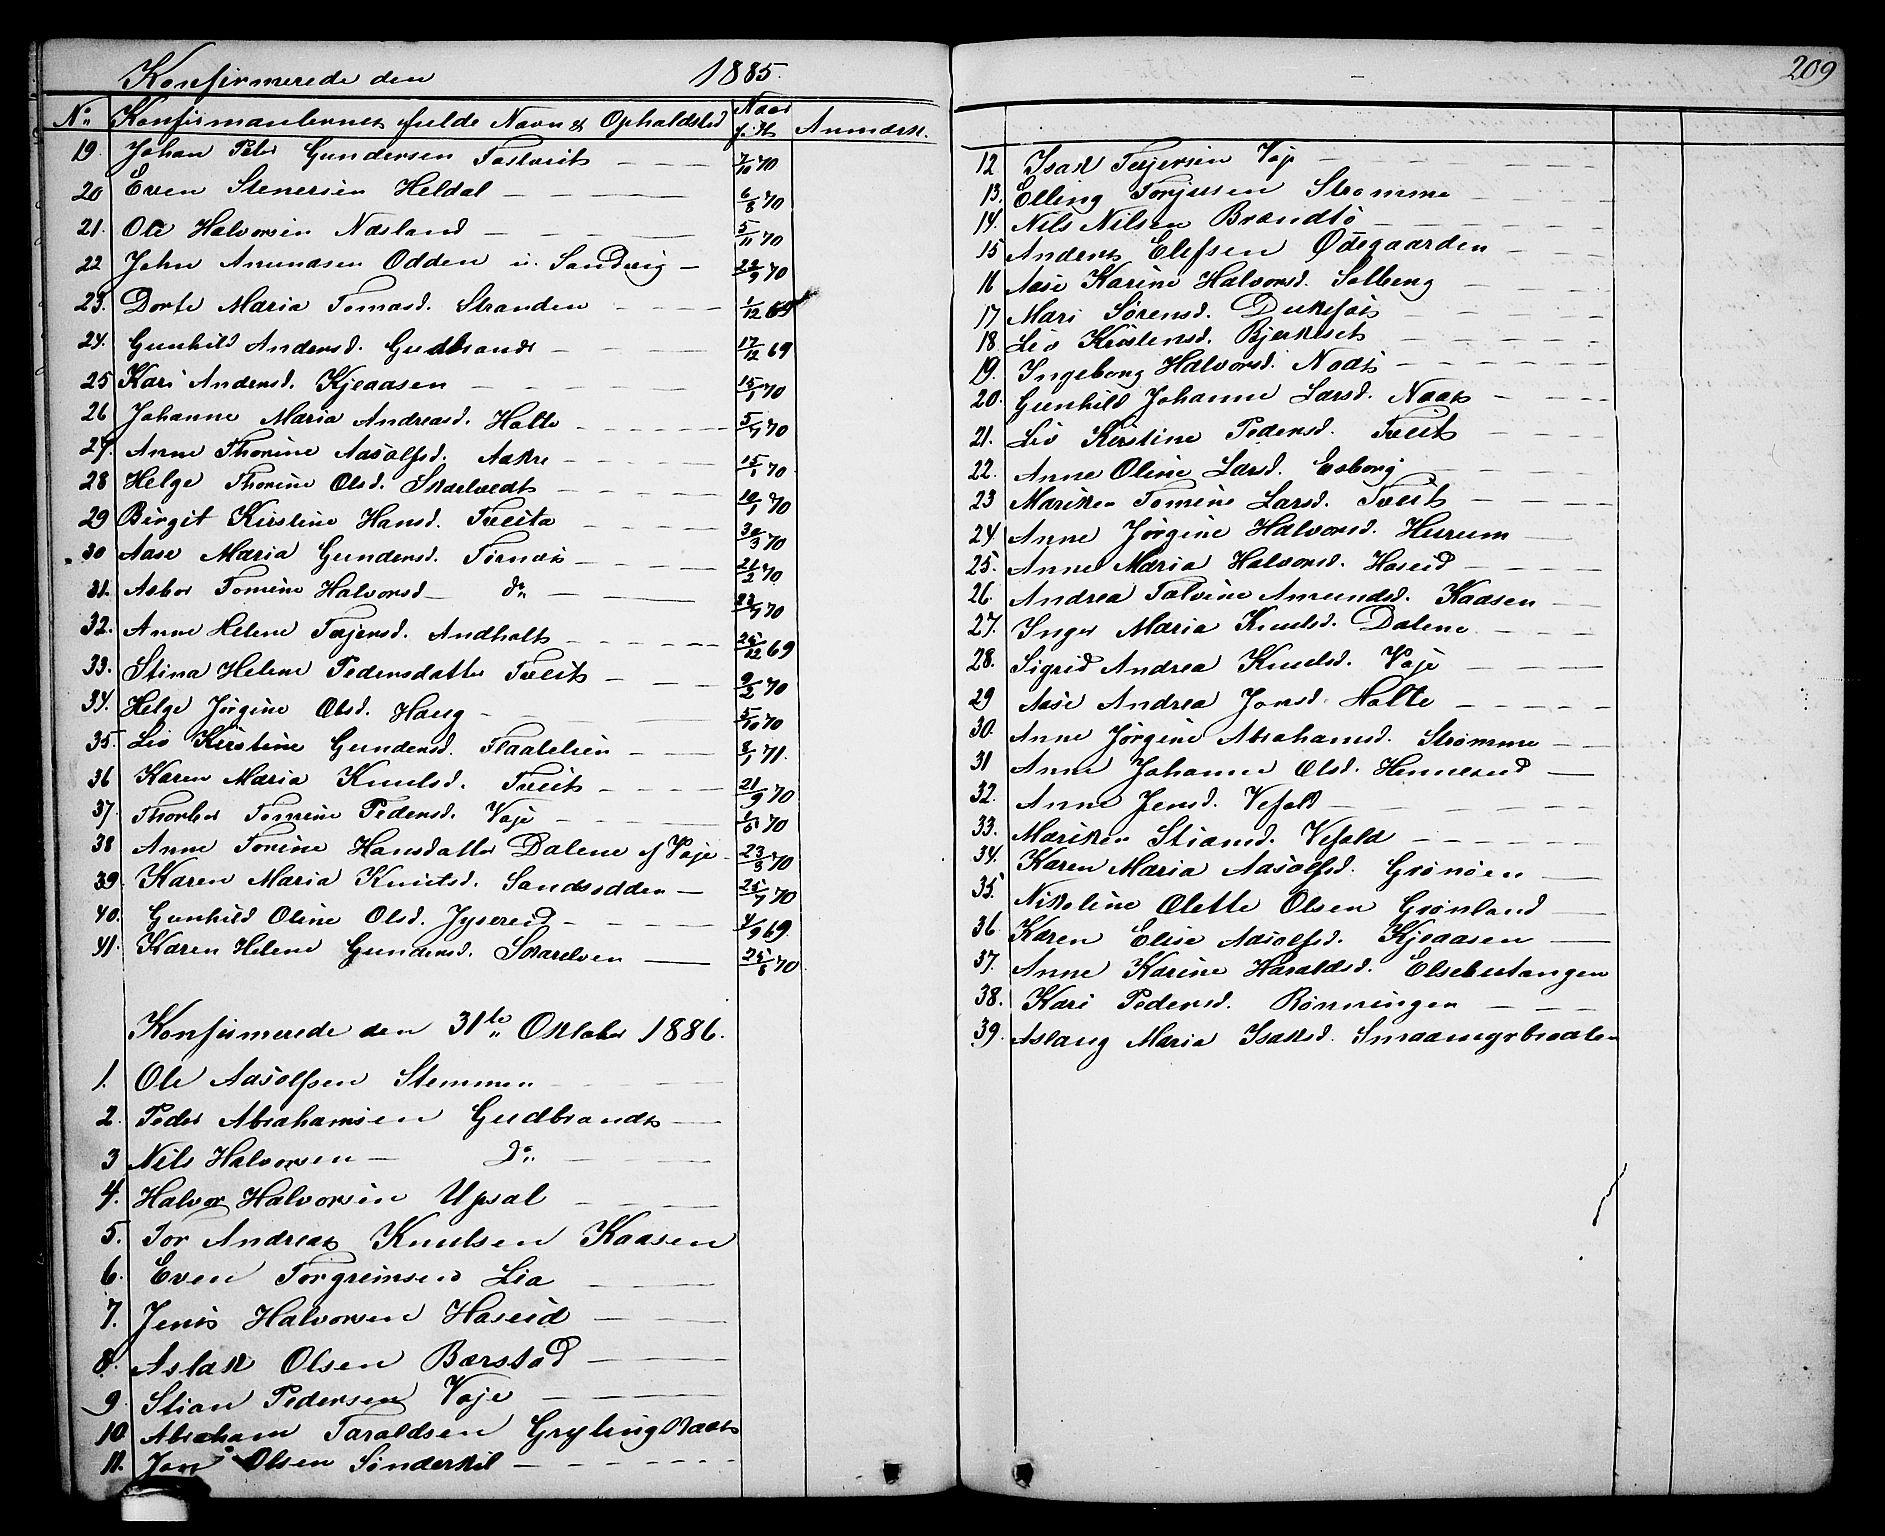 SAKO, Drangedal kirkebøker, G/Ga/L0002: Klokkerbok nr. I 2, 1856-1887, s. 209